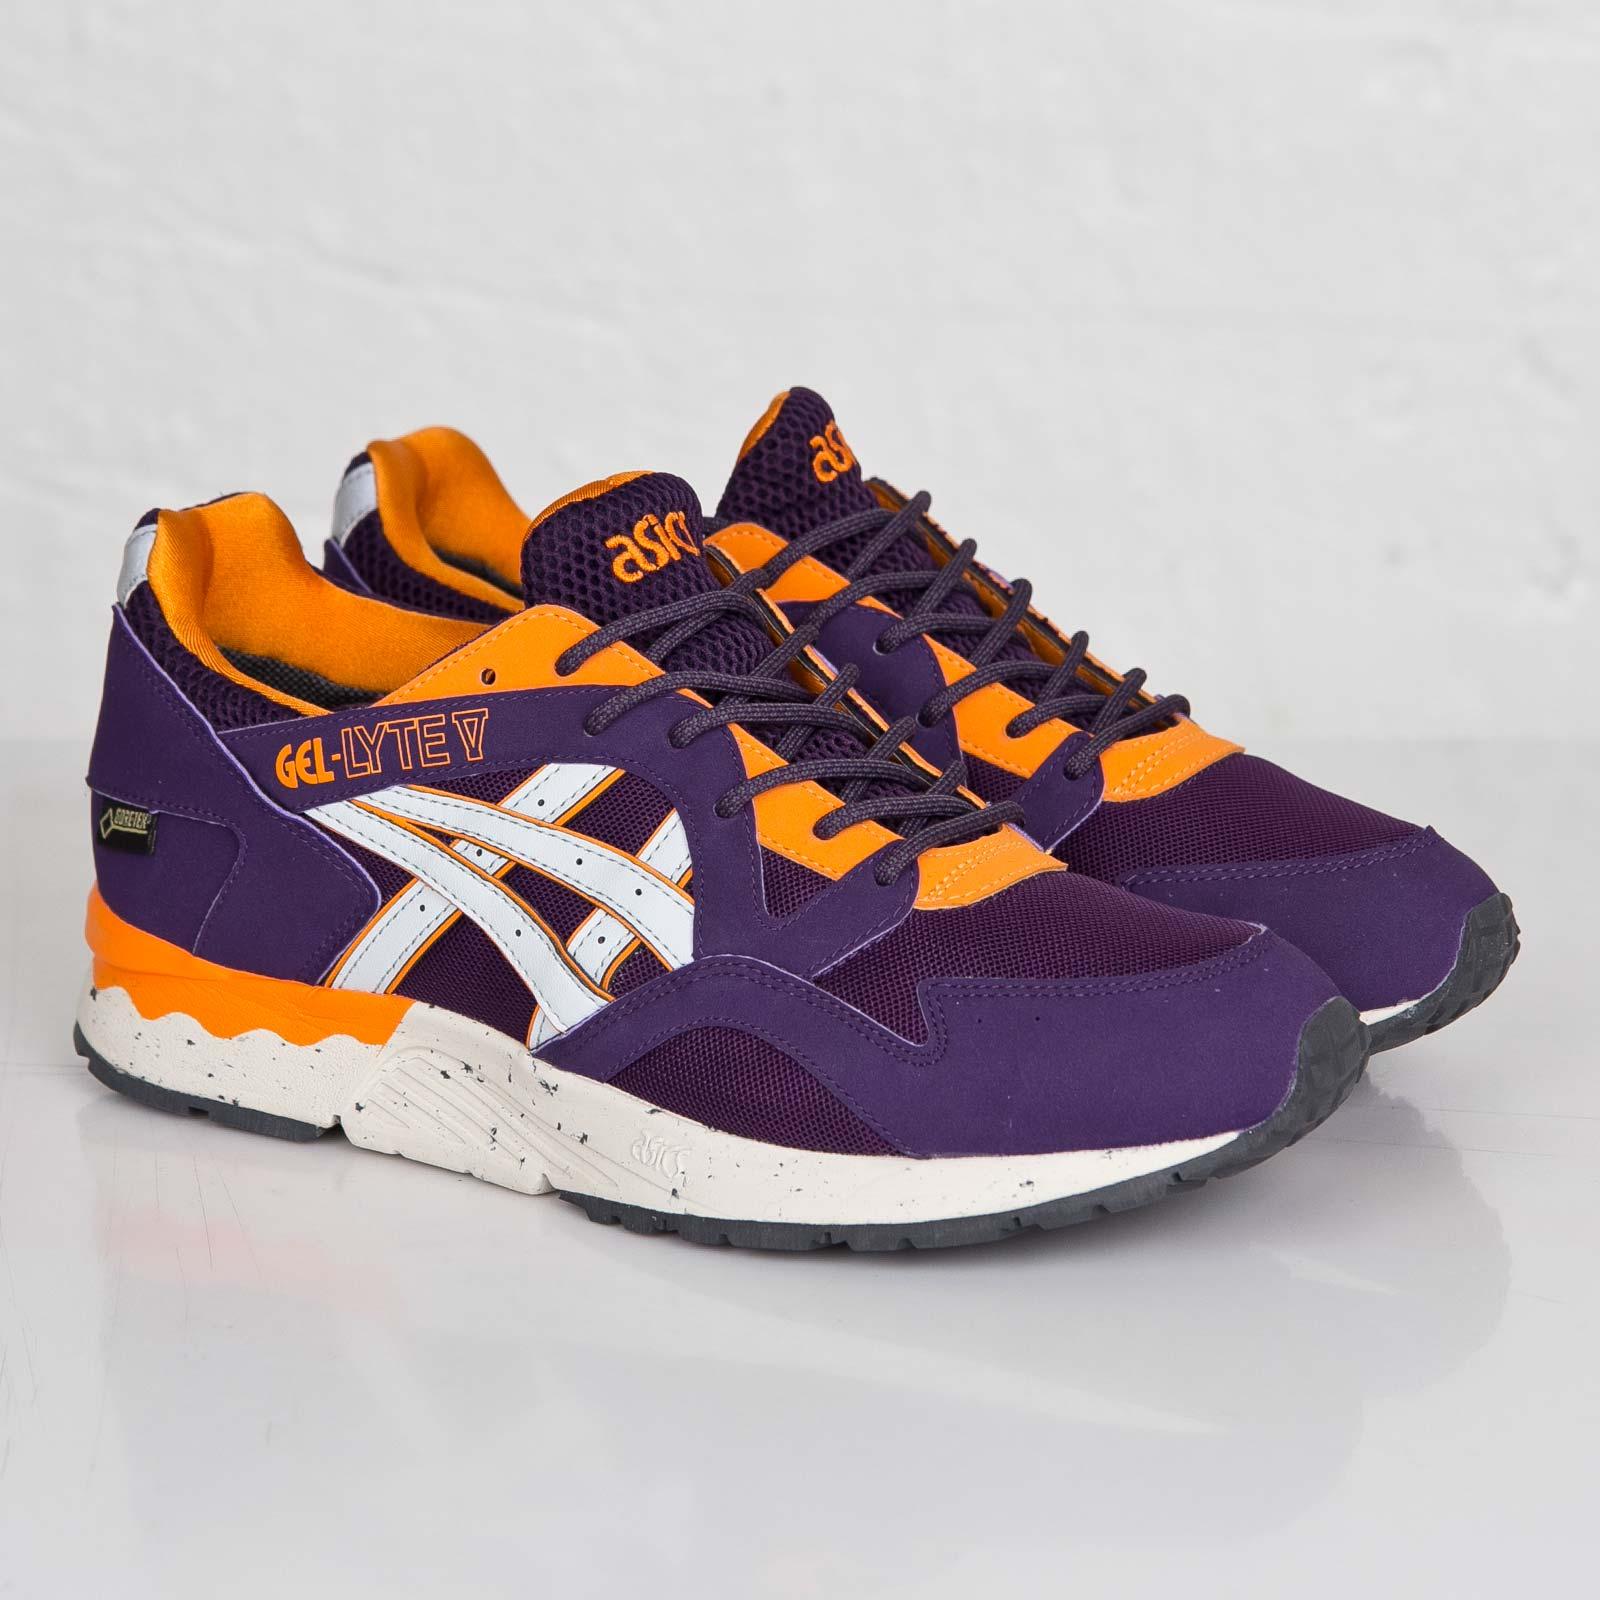 ASICS Tiger Gel-Lyte V - H429y-3310 - Sneakersnstuff I Sneakers ...